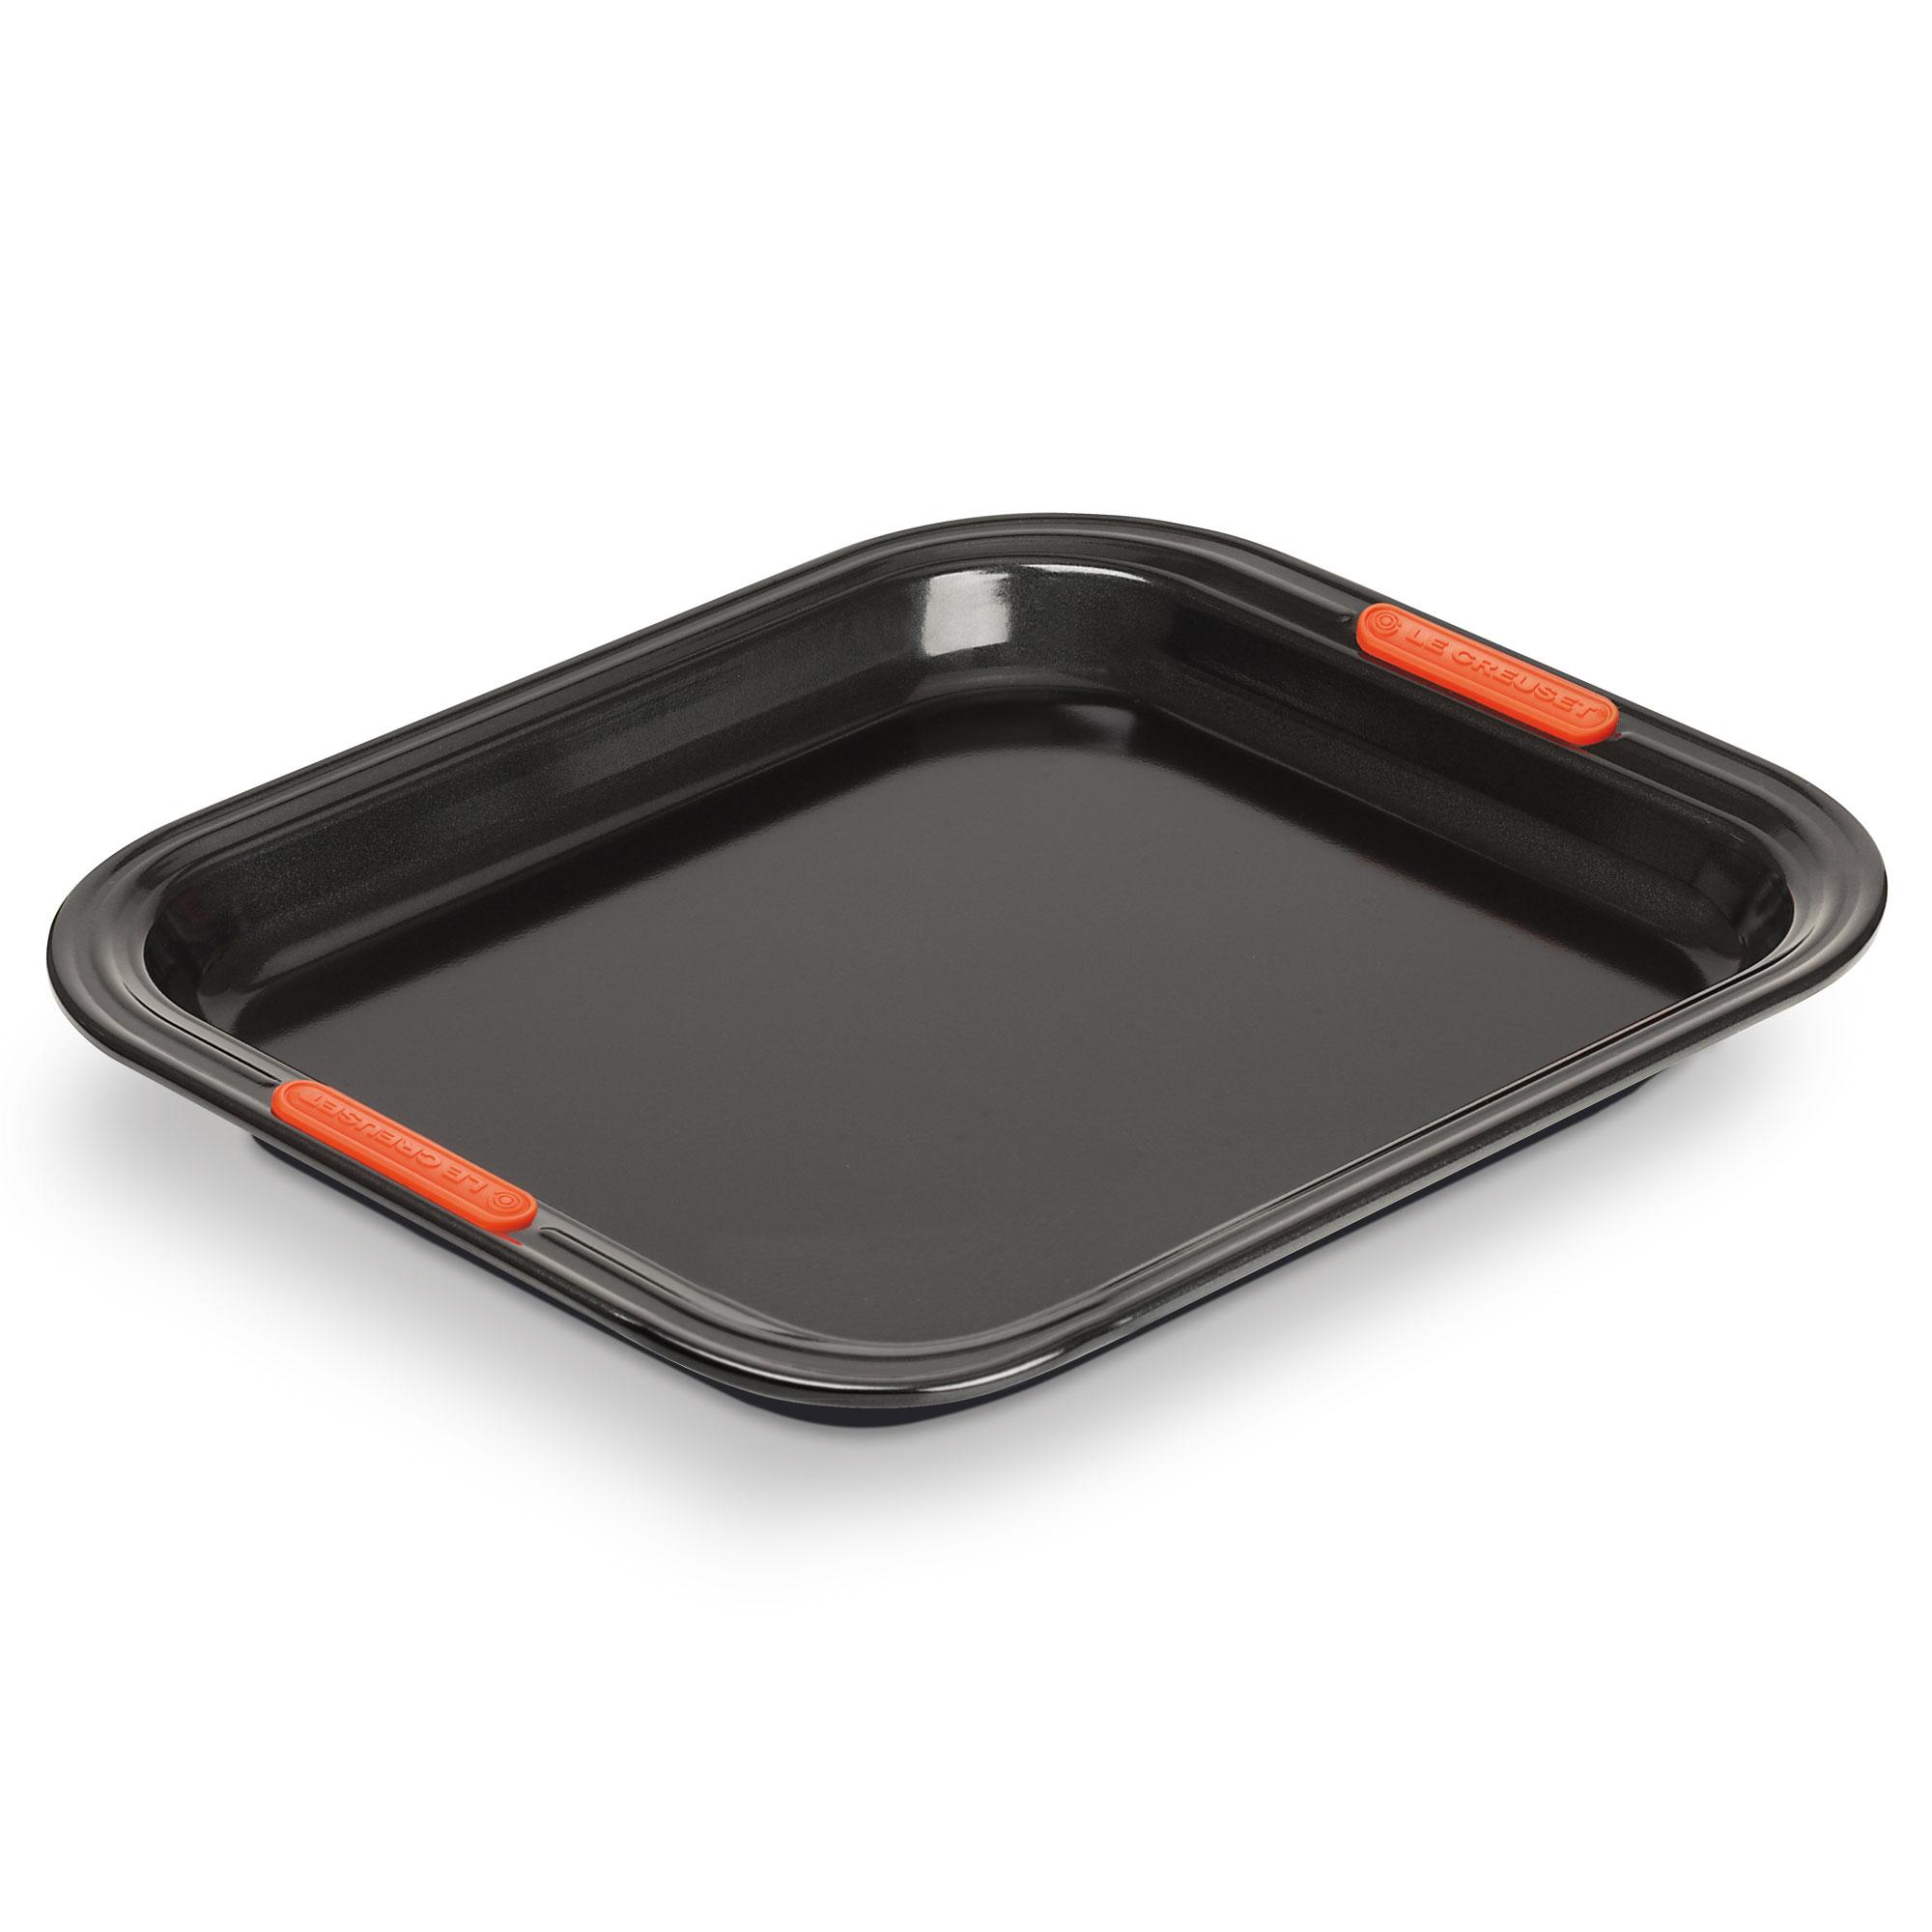 le creuset plaque de cuisson anti adh rent rectangulaire p tiliss en acier silicon 31 cm. Black Bedroom Furniture Sets. Home Design Ideas